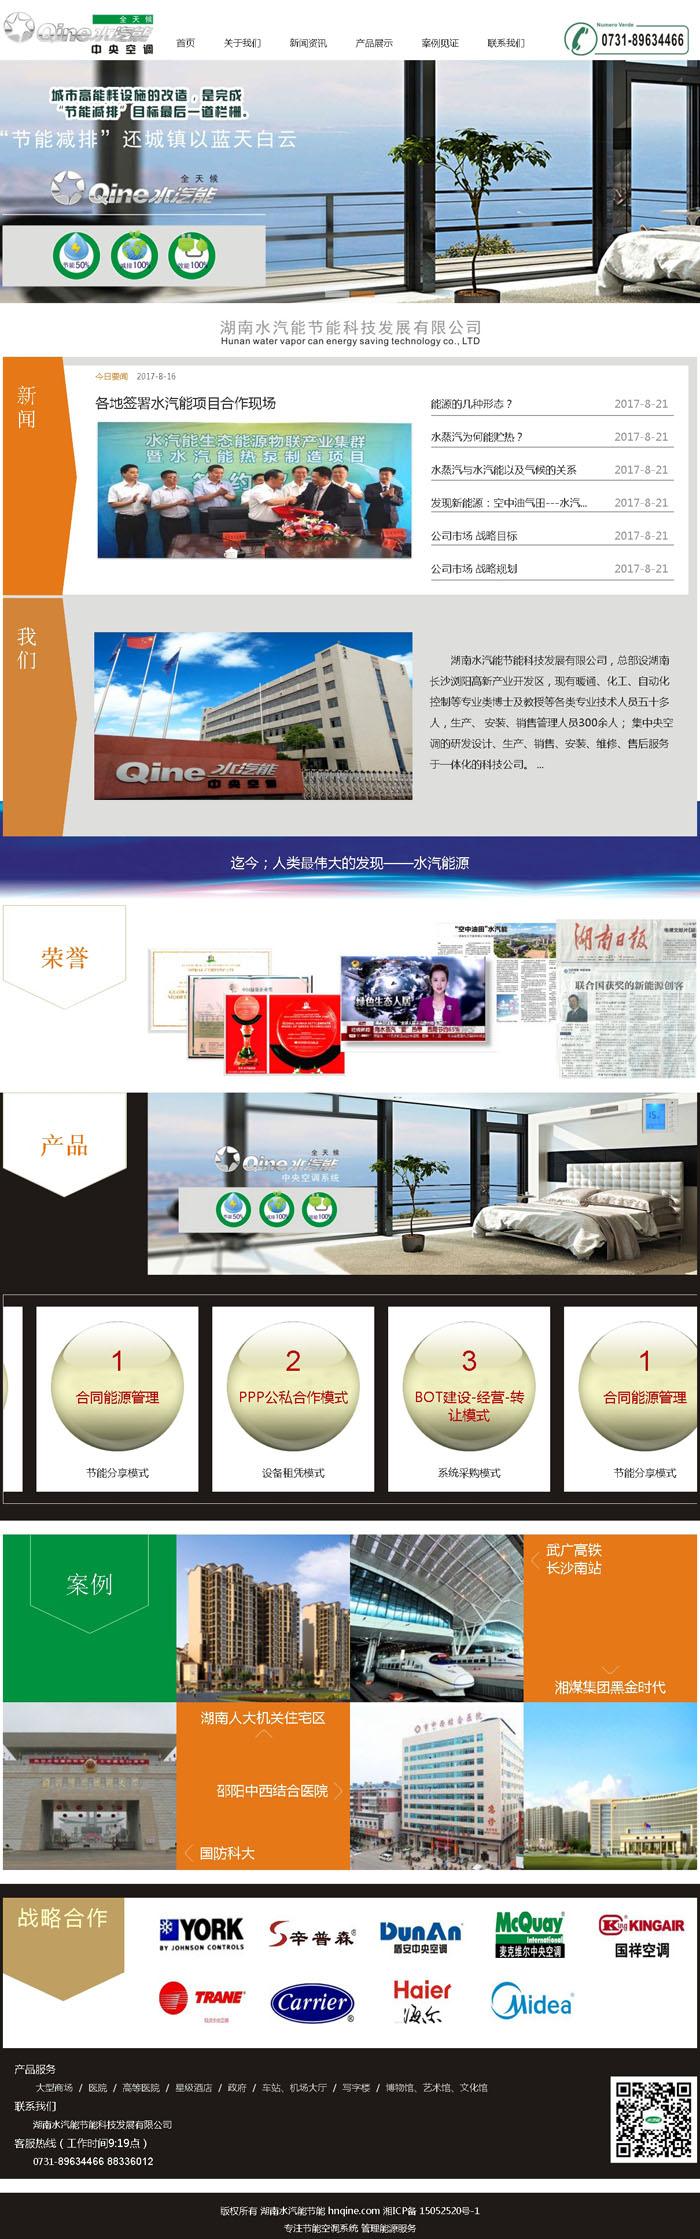 湖南水汽能节能科技发展有限公司网站效果图